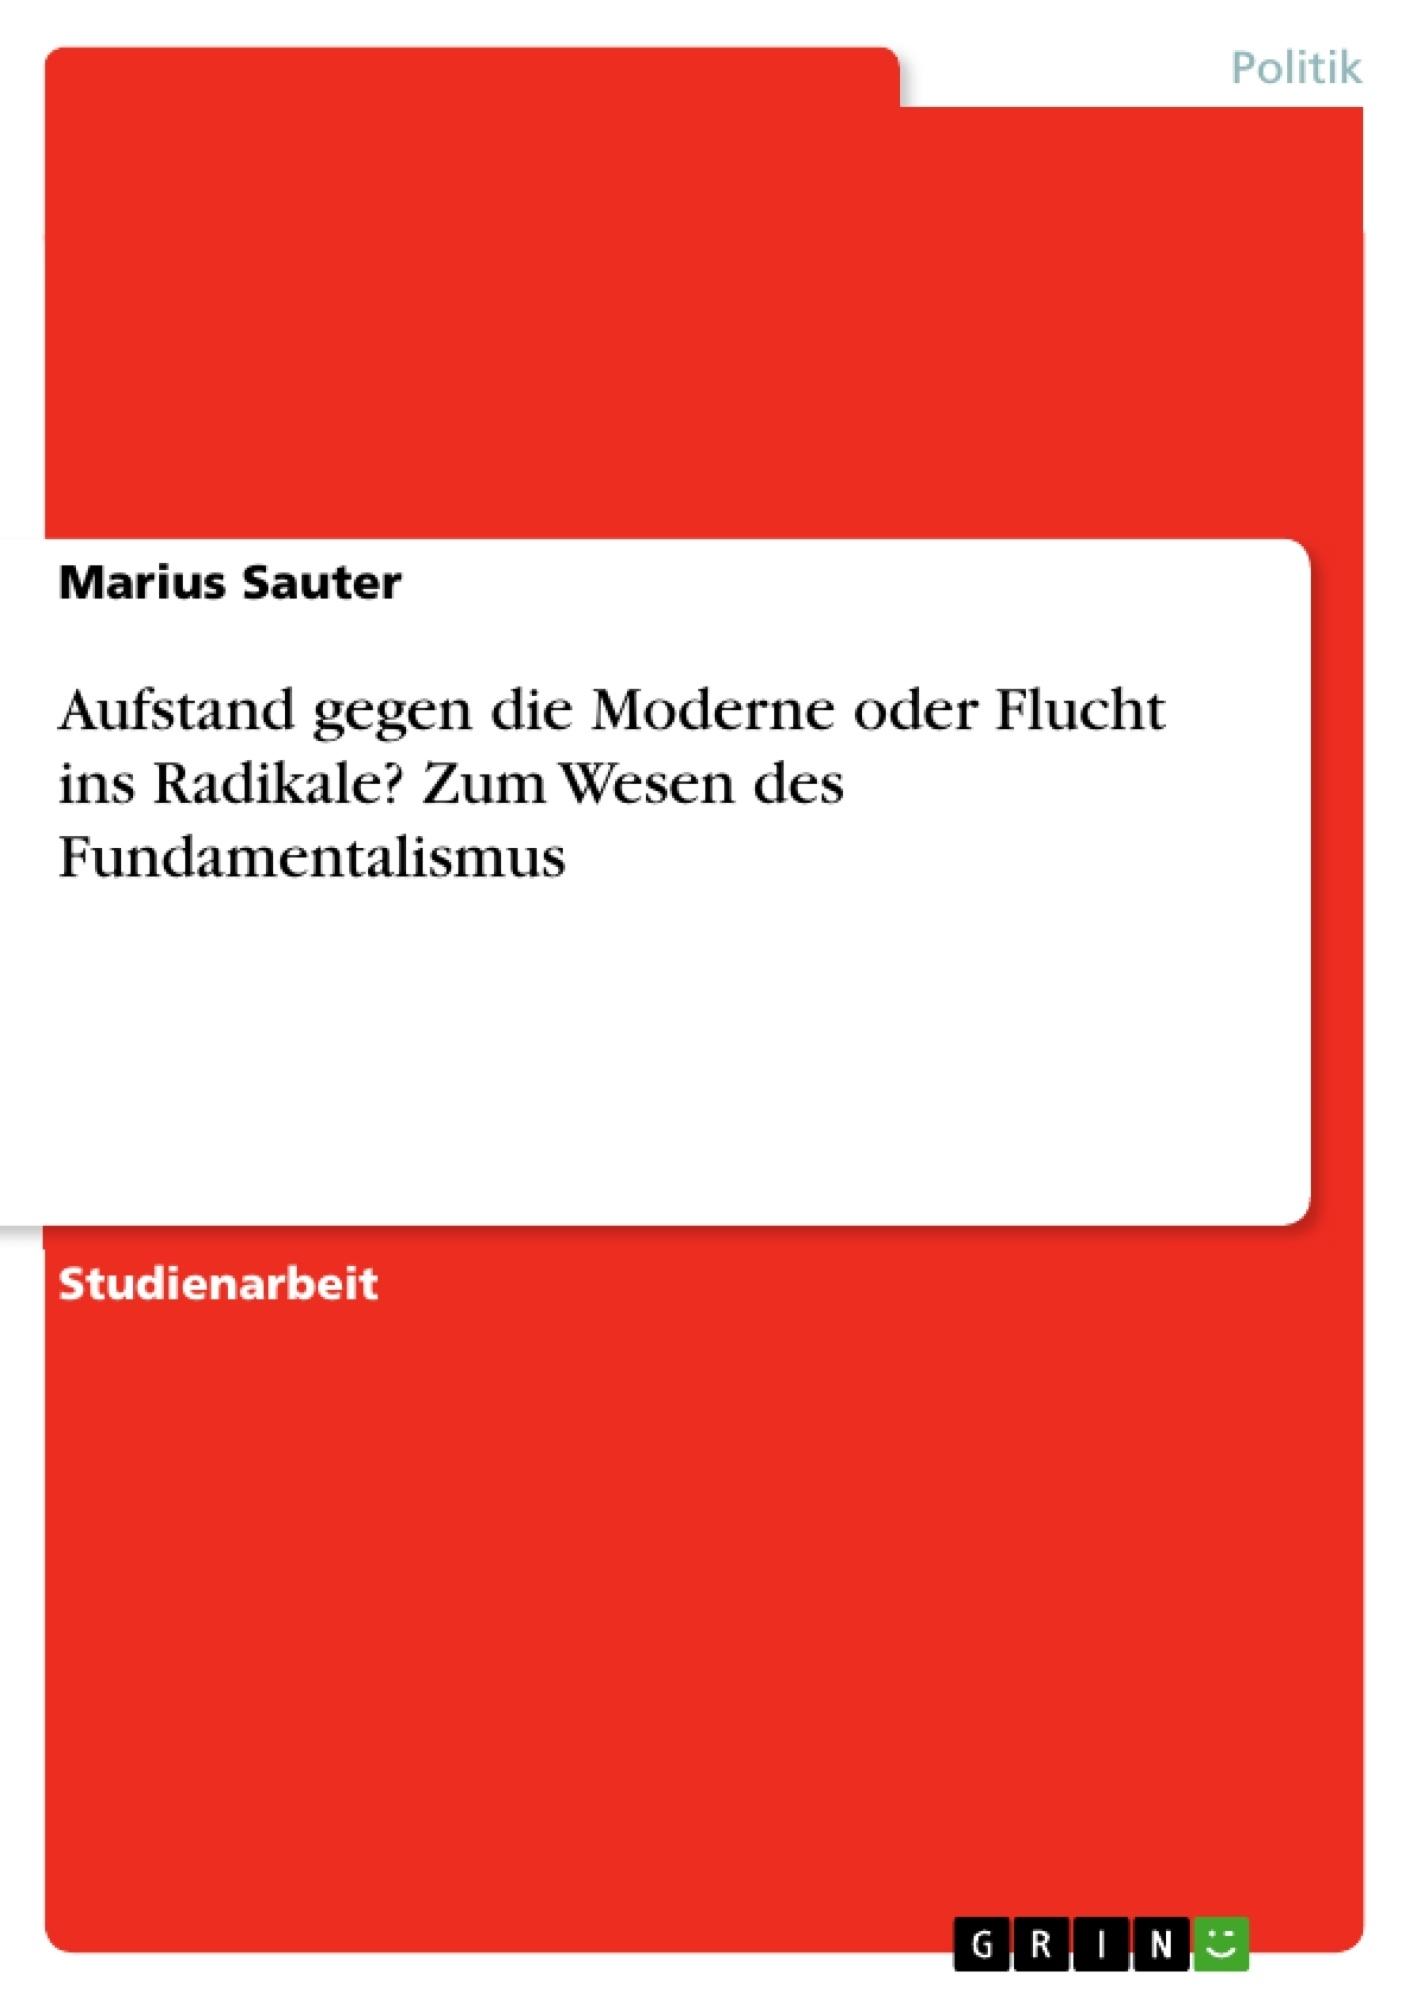 Titel: Aufstand gegen die Moderne oder Flucht ins Radikale? Zum Wesen des Fundamentalismus